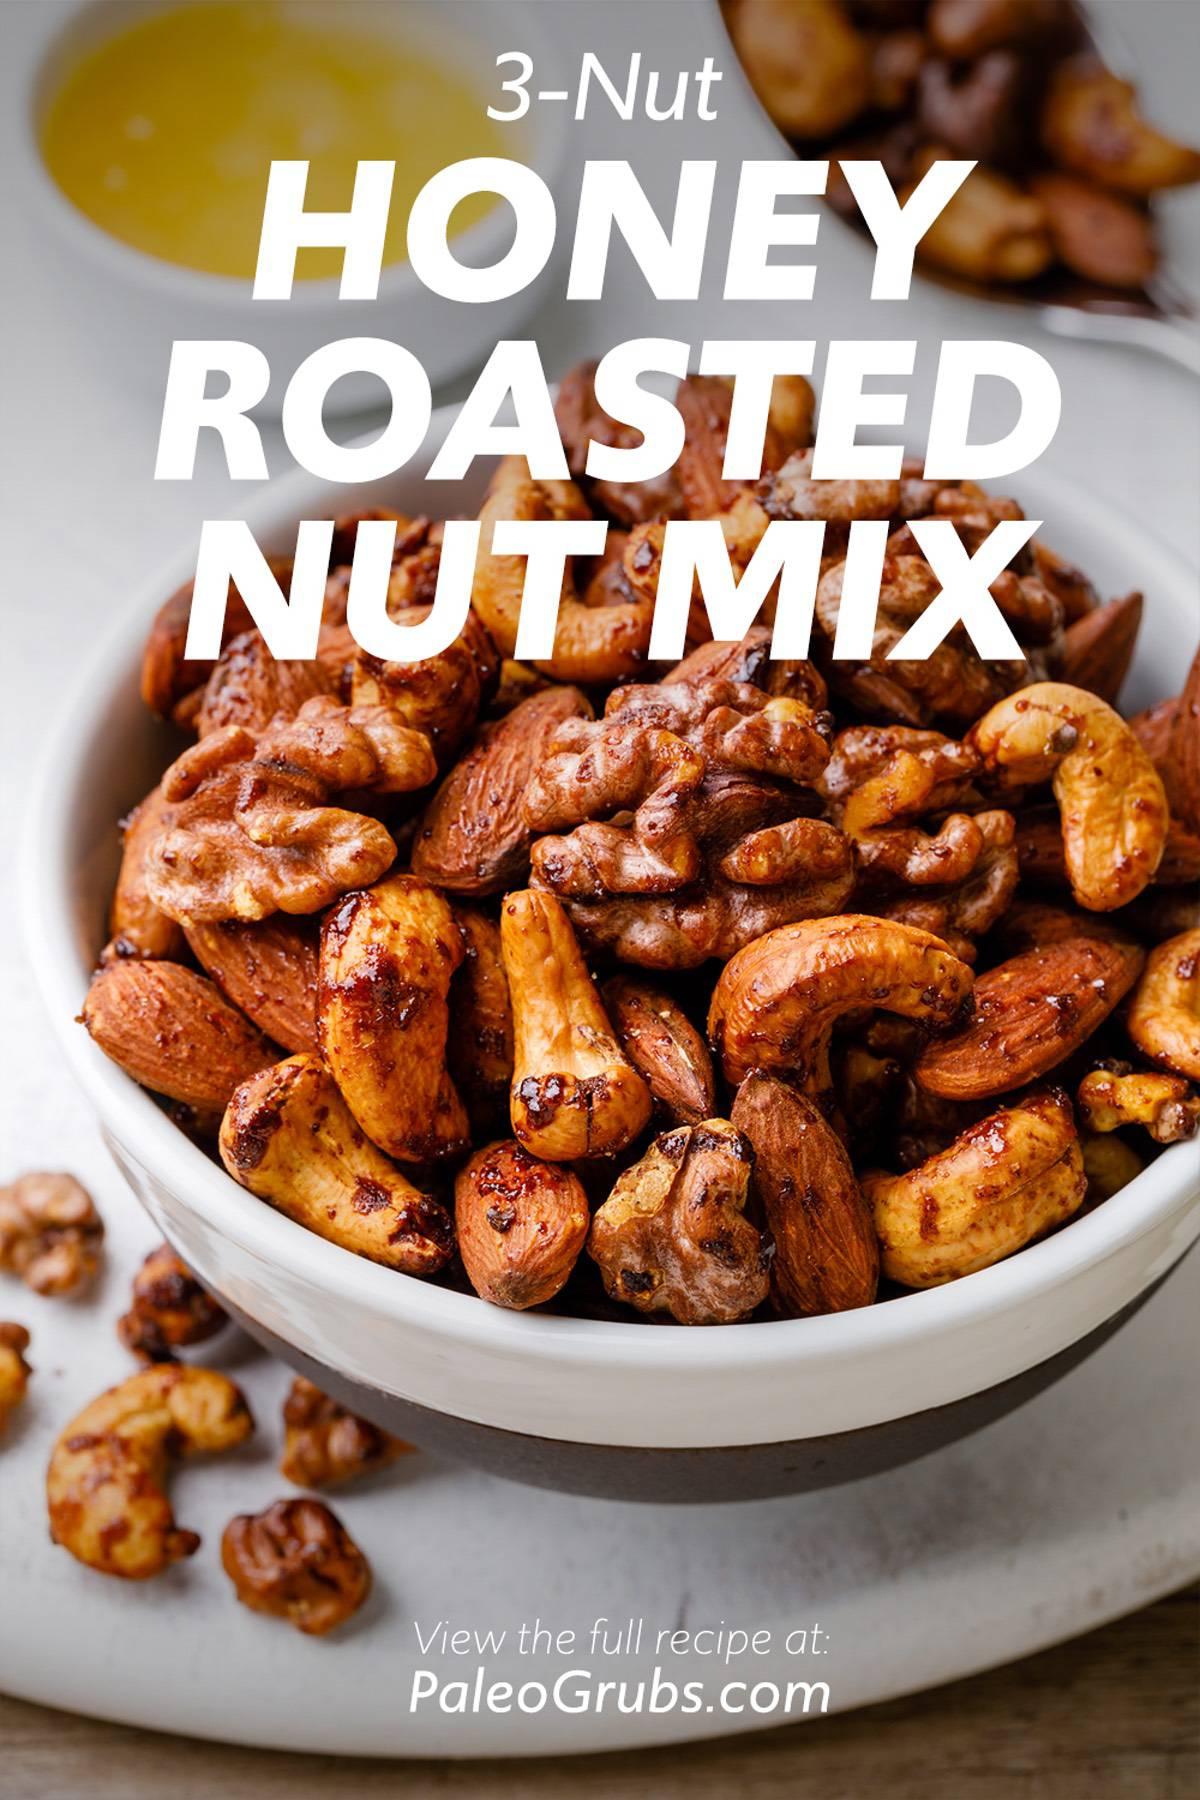 3-Nut Honey Roasted Nut Mix